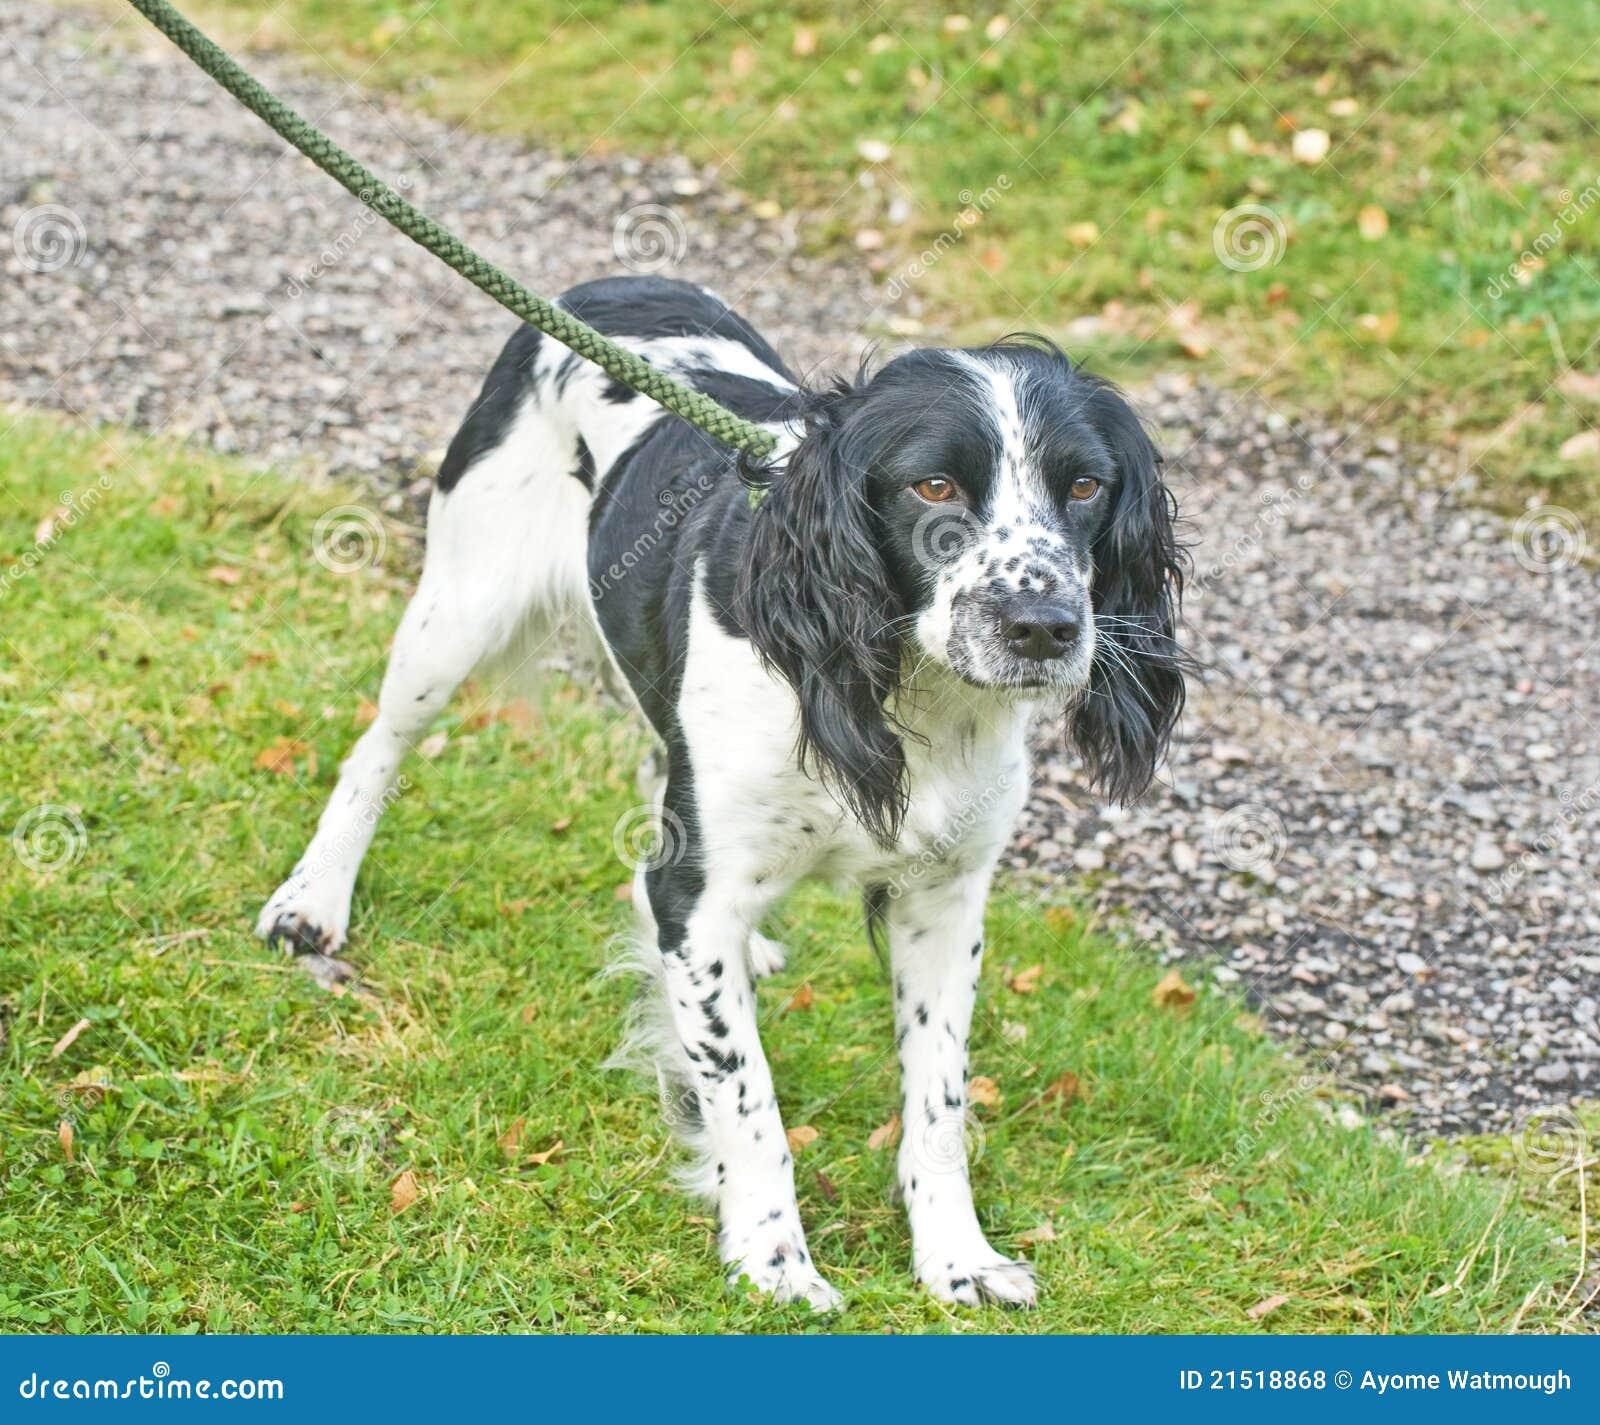 Spaniel dog on a lead.